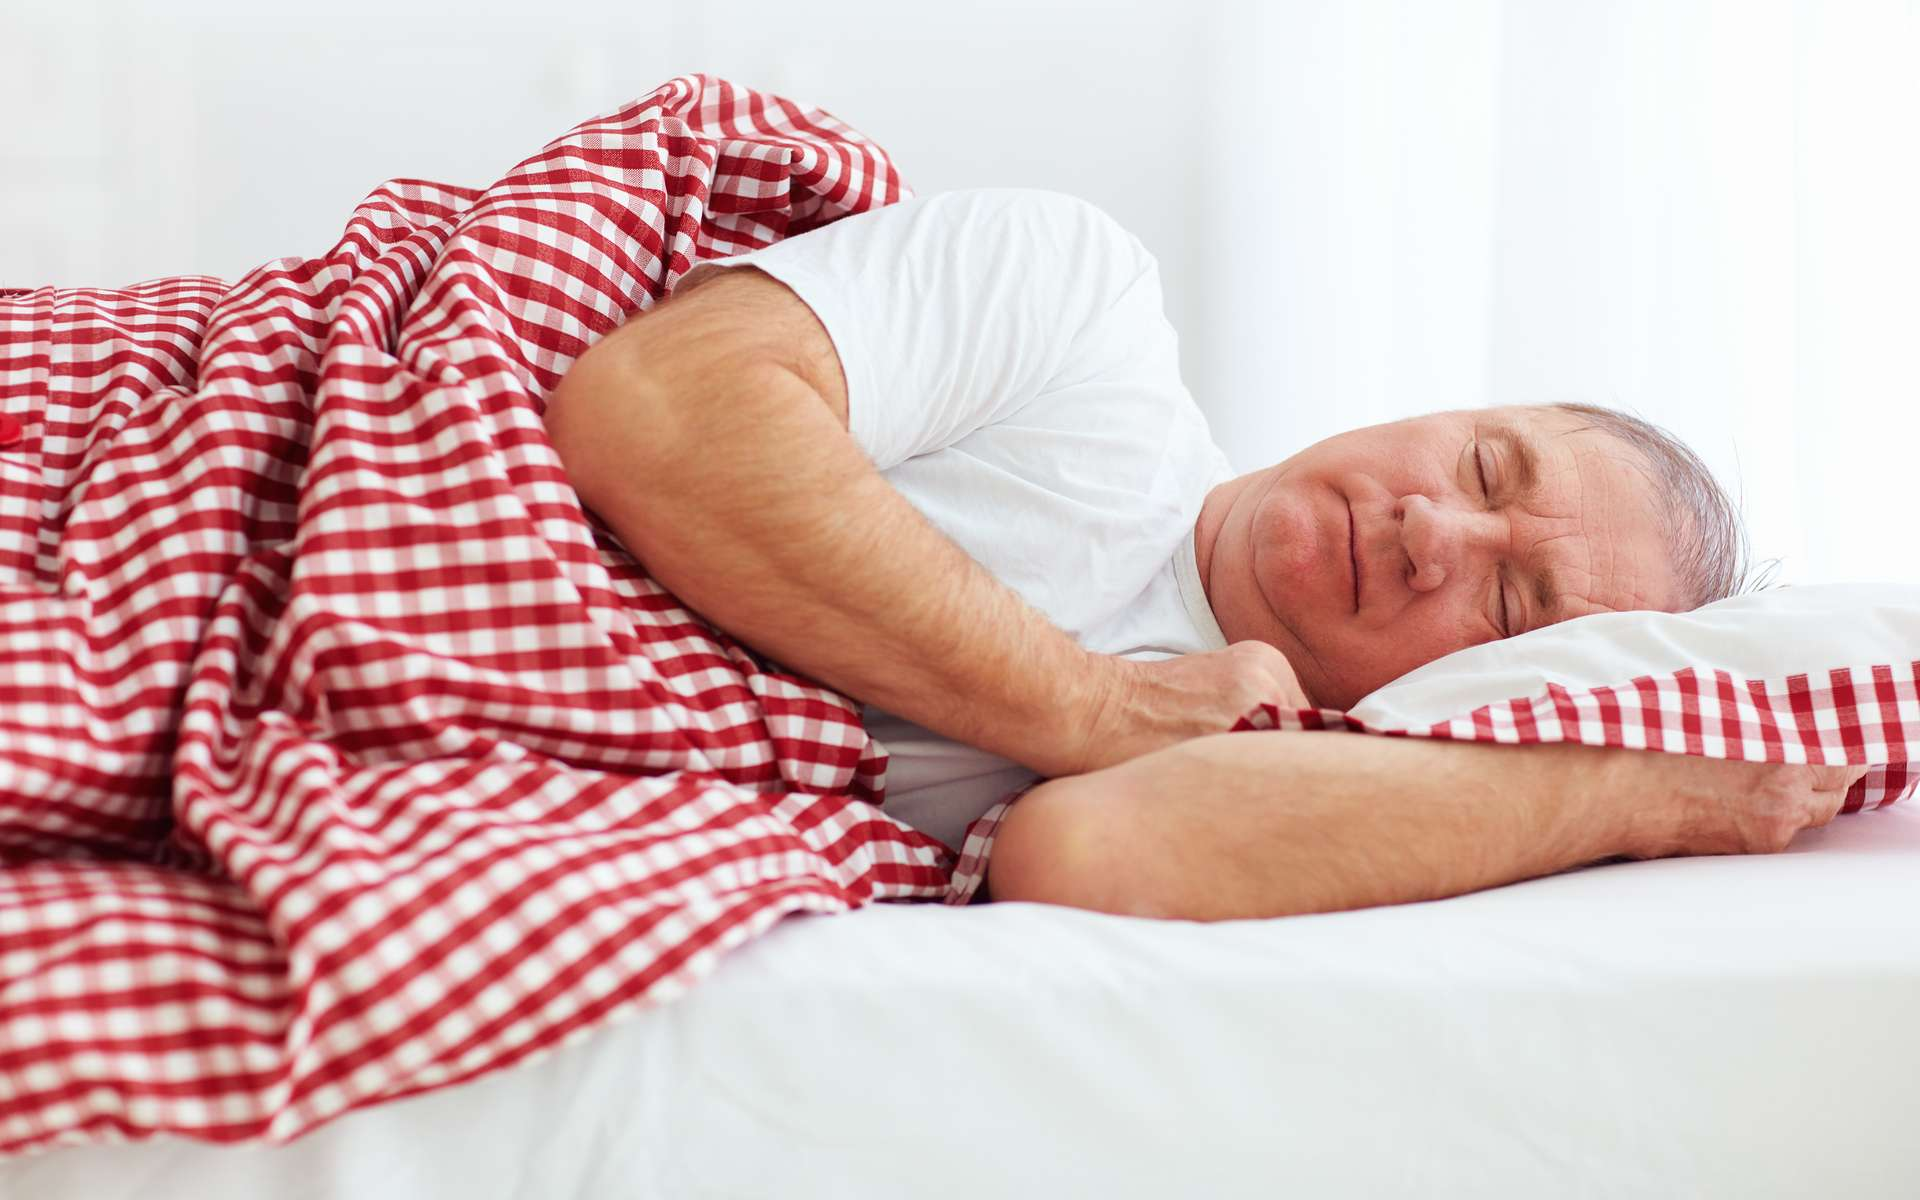 L'Homme passe en moyenne un tiers de sa vie à dormir. Le sommeil est indispensable à la santé et pourrait même limiter le risque de développer la maladie d'Alzheimer. © Adobe Stock